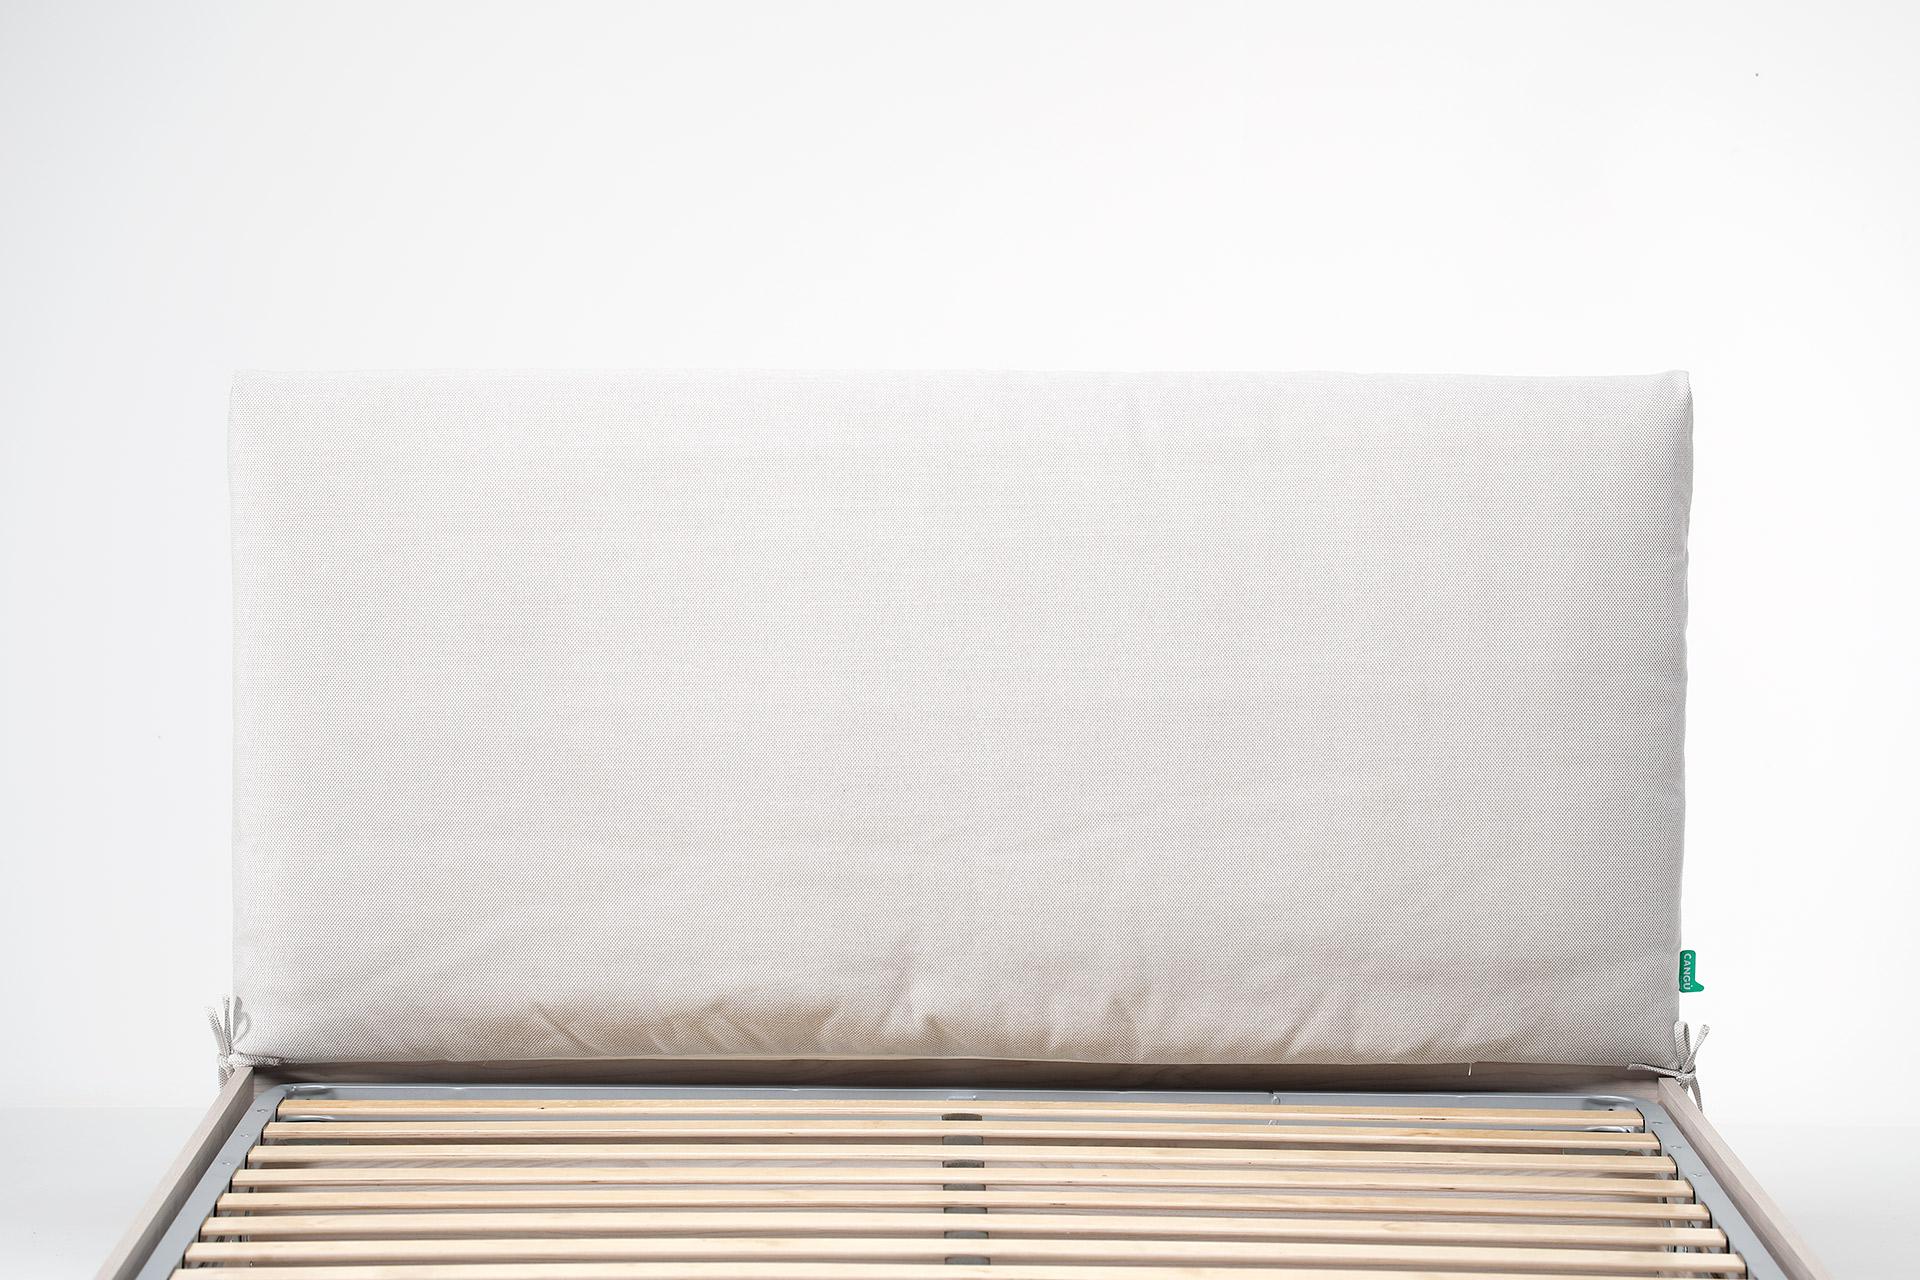 Cuscino testata del letto su struttura letto contenitore di larghezza 160 - Cuscino testata letto ...